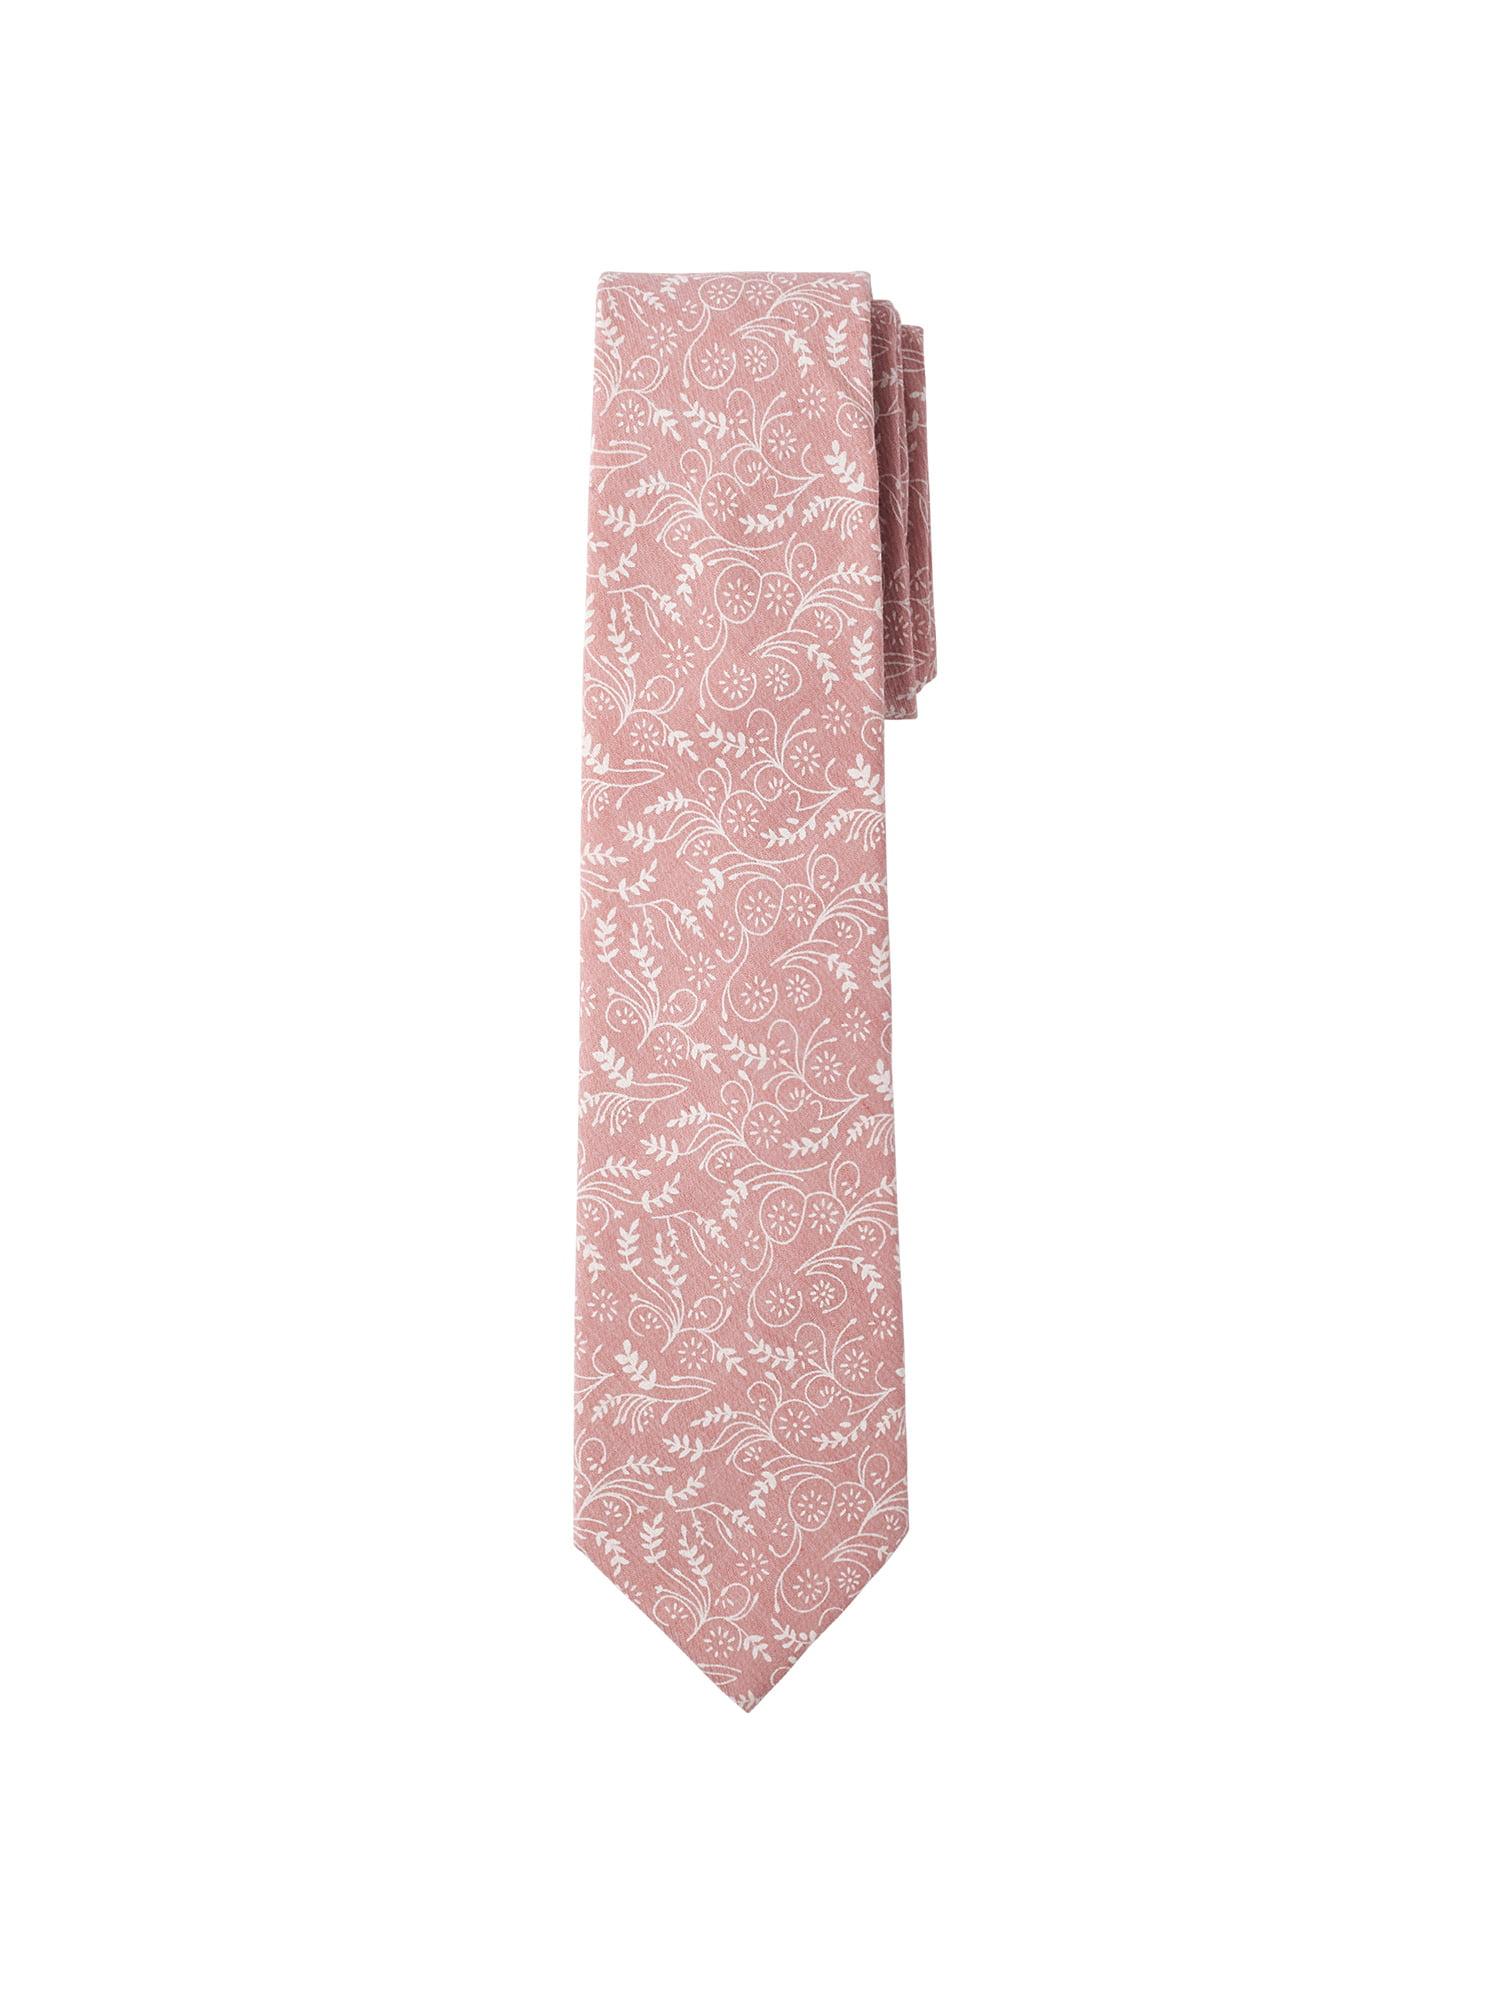 Dusty Rose Jacob Alexander Boys Regular Self Tie Prep Solid Color Necktie